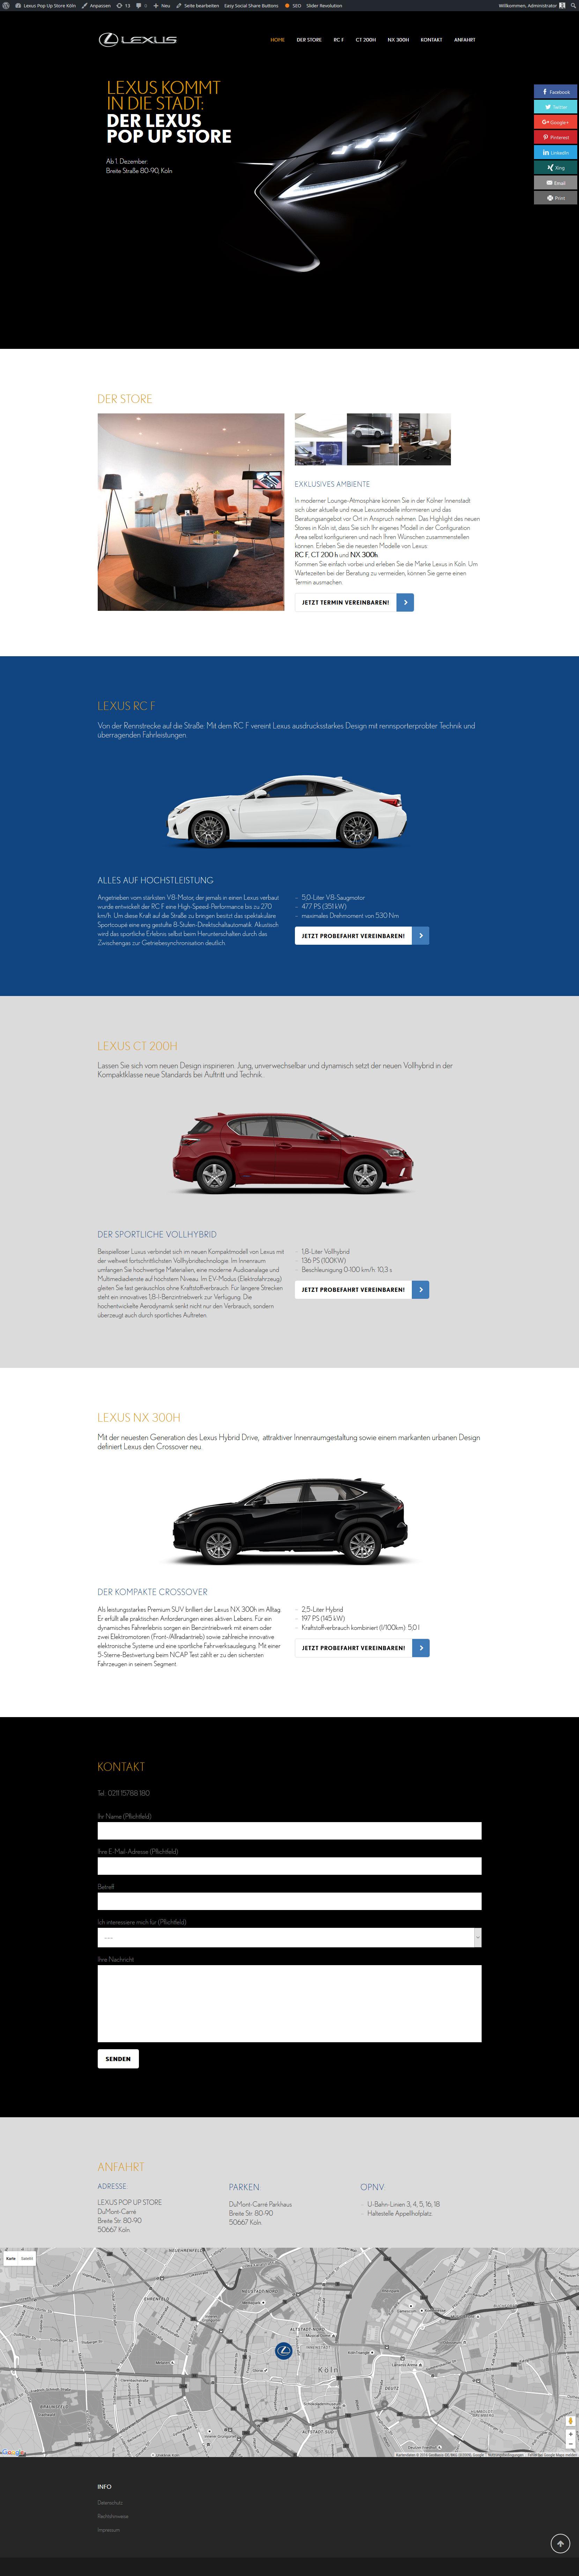 Pop-up-Store Lexus